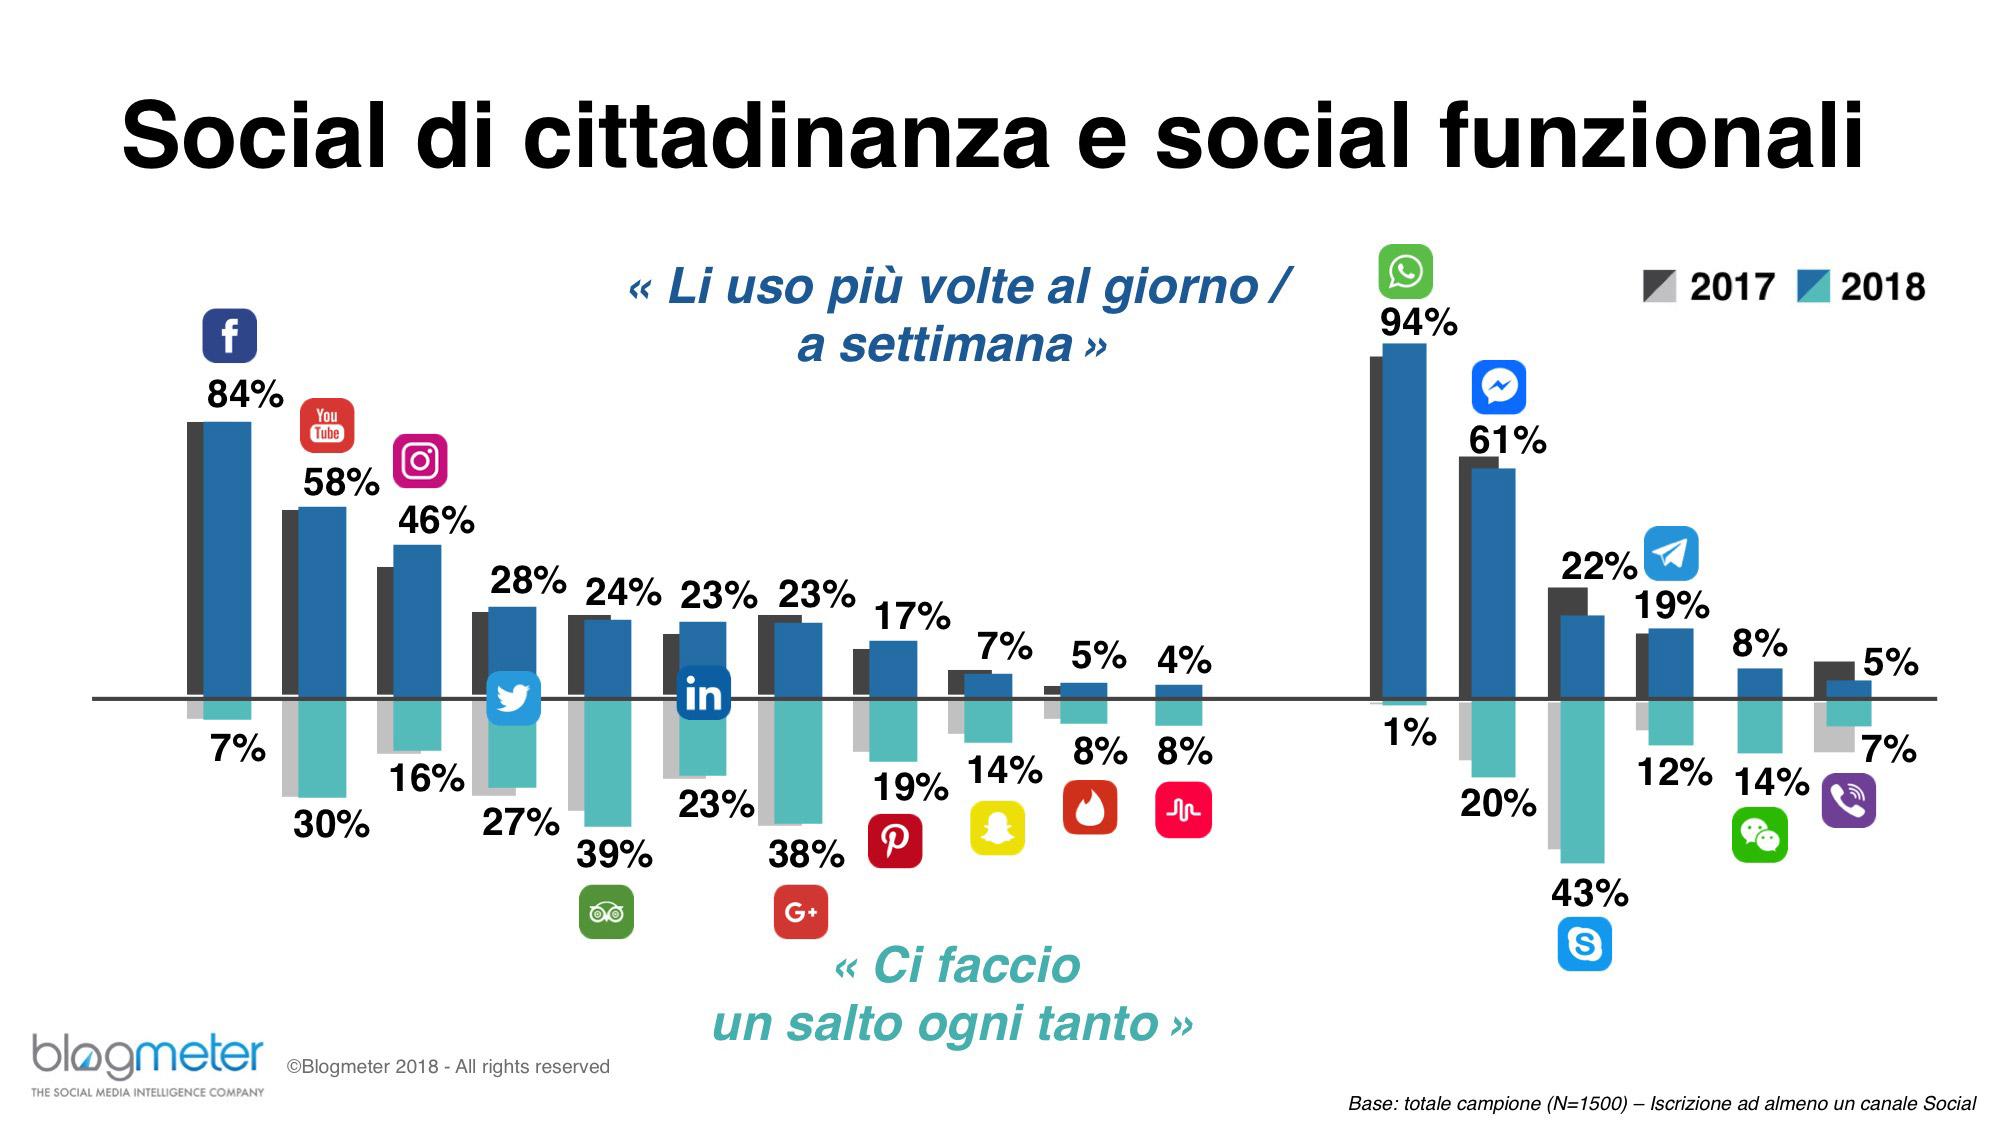 social media social cittadinanza funzionali - Web. Report 2018 di Blogmeter su Italiani e Social Media: Whatsapp il social più utilizzato. 1 solo utente su 3 in grado di riconoscere contenuti pubblicitari